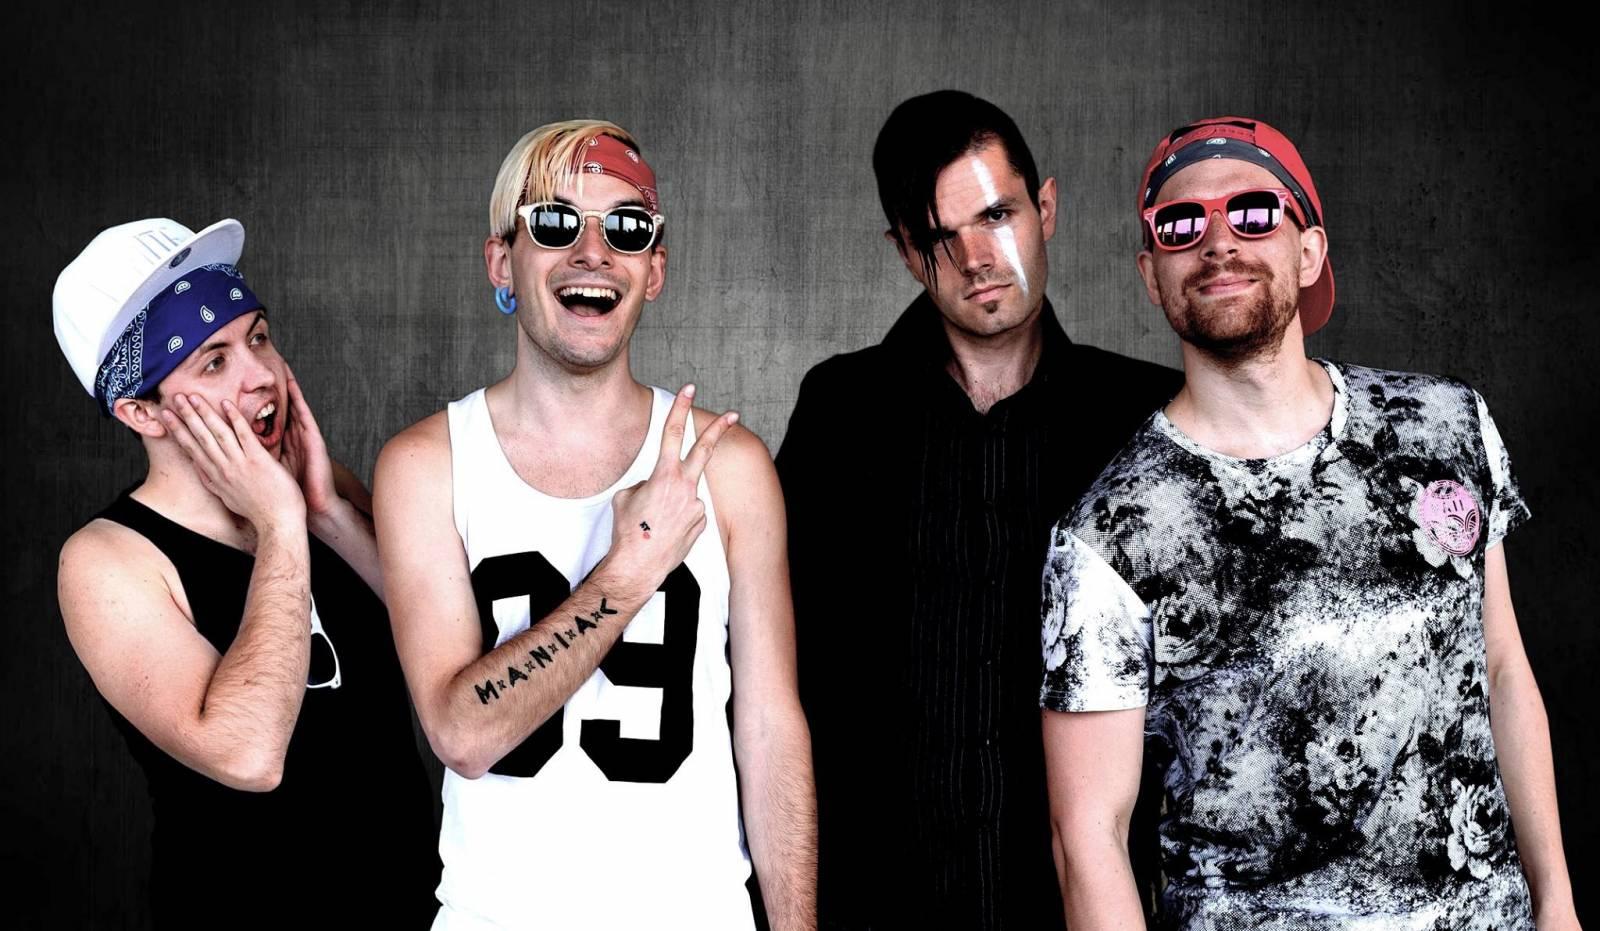 VIDEO: Lollipop-punková kapela Maniac natočila po úspěšném tracku Čapí i rasistický videoklip. Ten navazuje na původní příběh